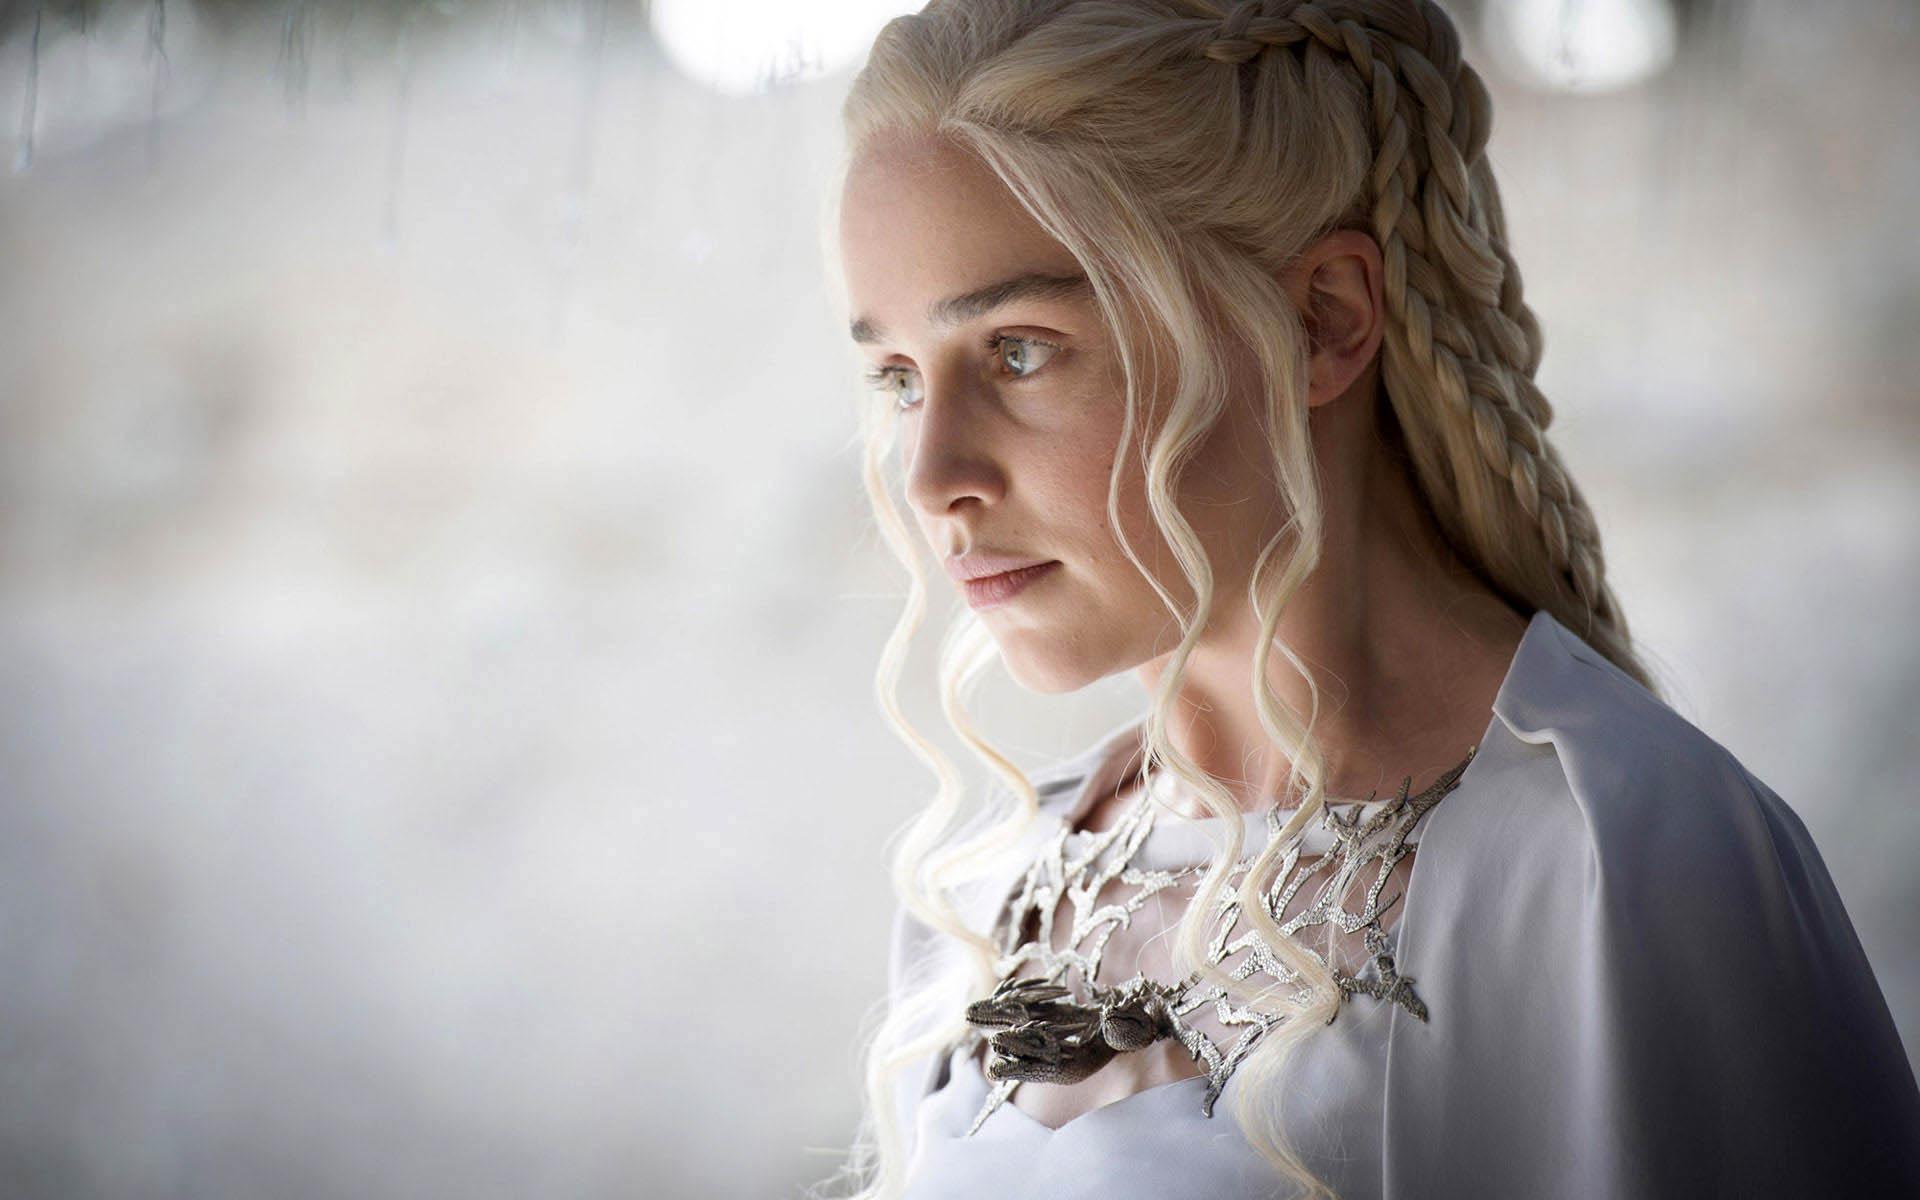 Daenerys-Targaryen-personnage-fictif